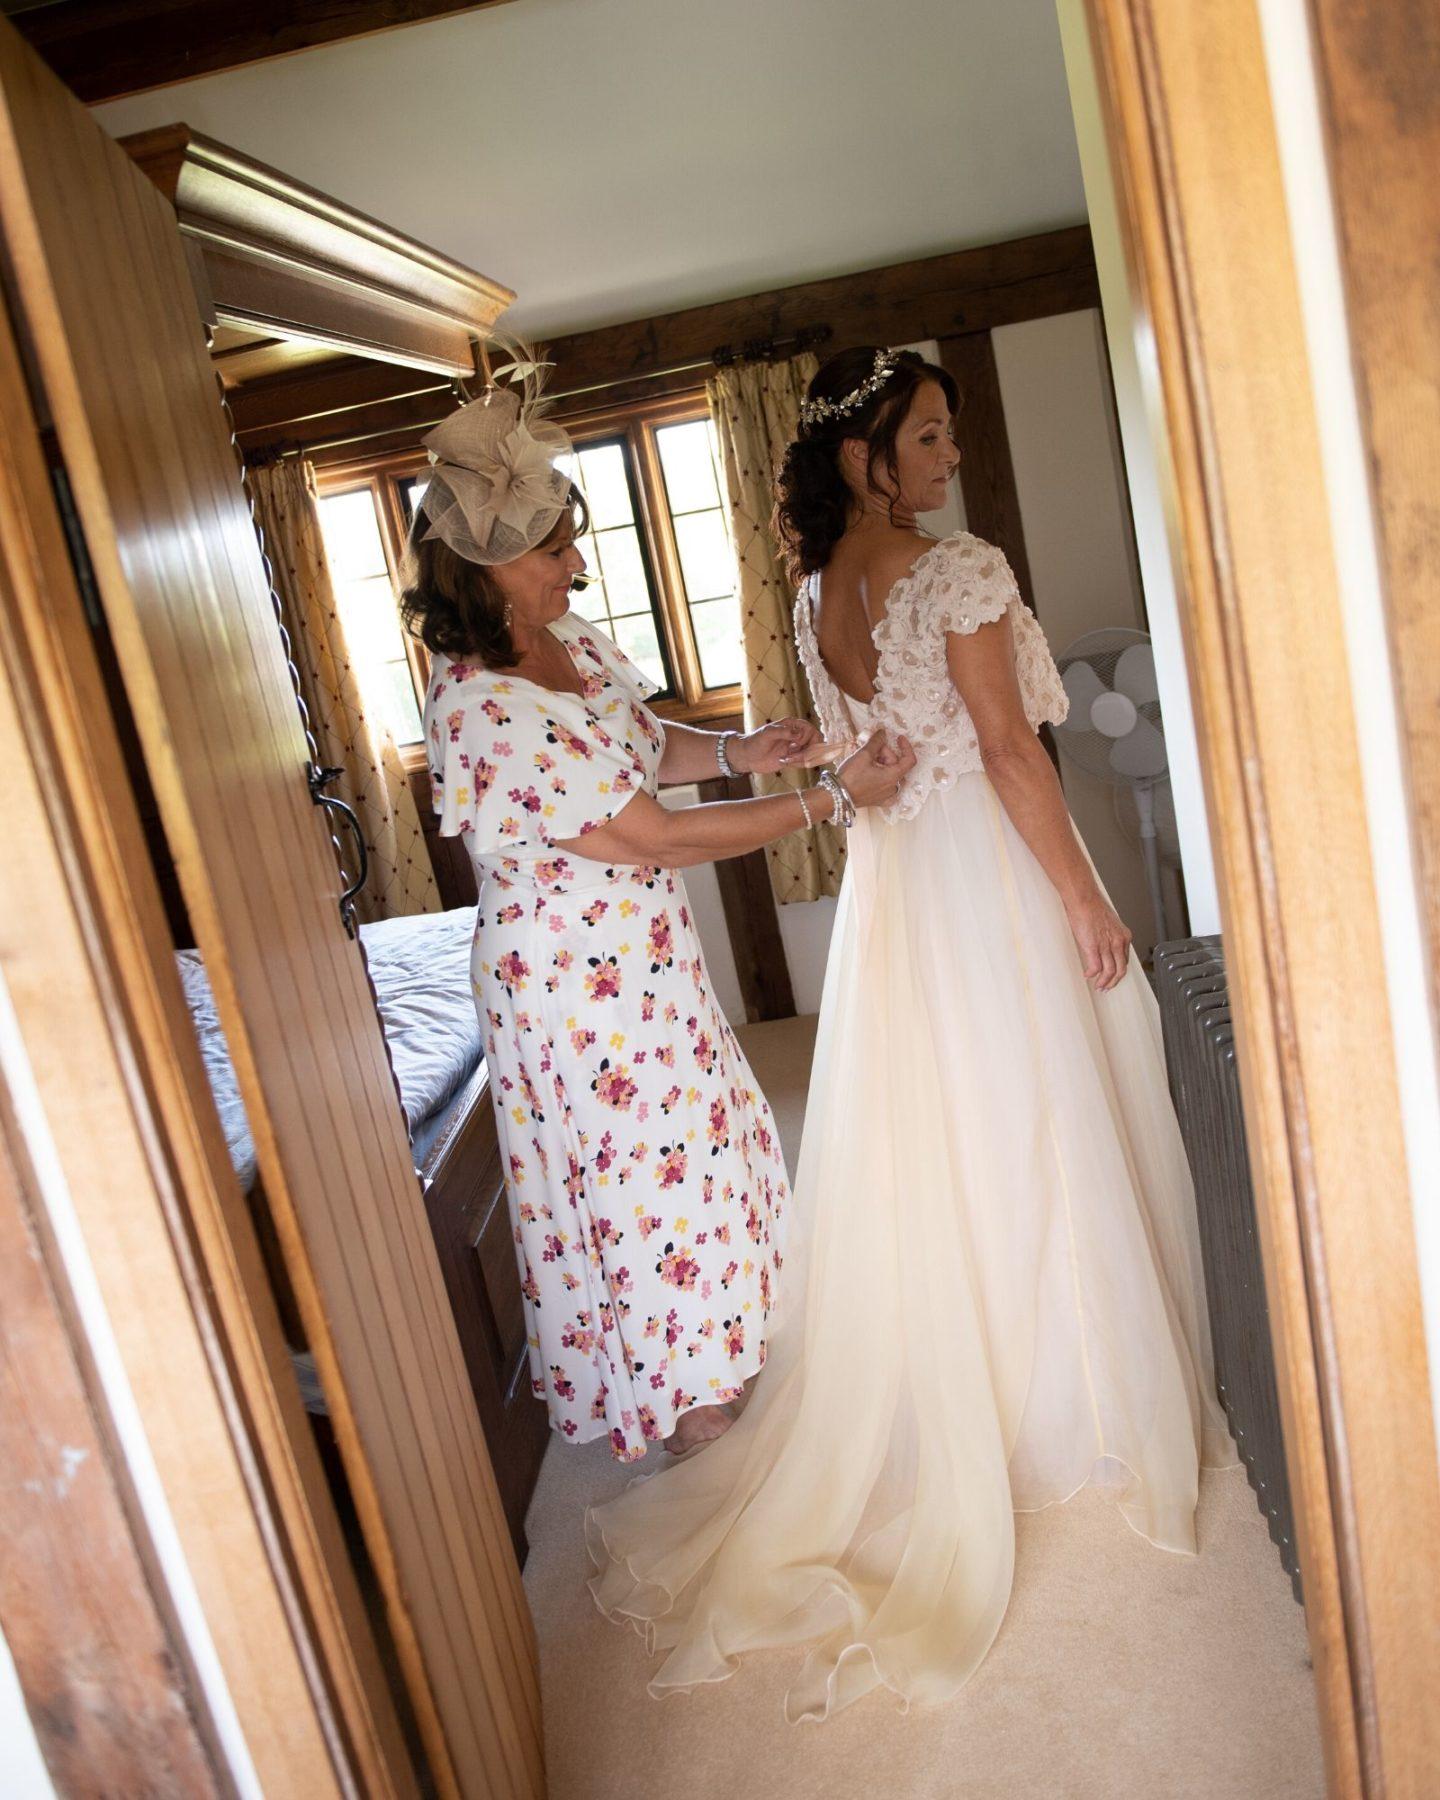 Bespoke wedding dress with lace bolero from Boho Bride